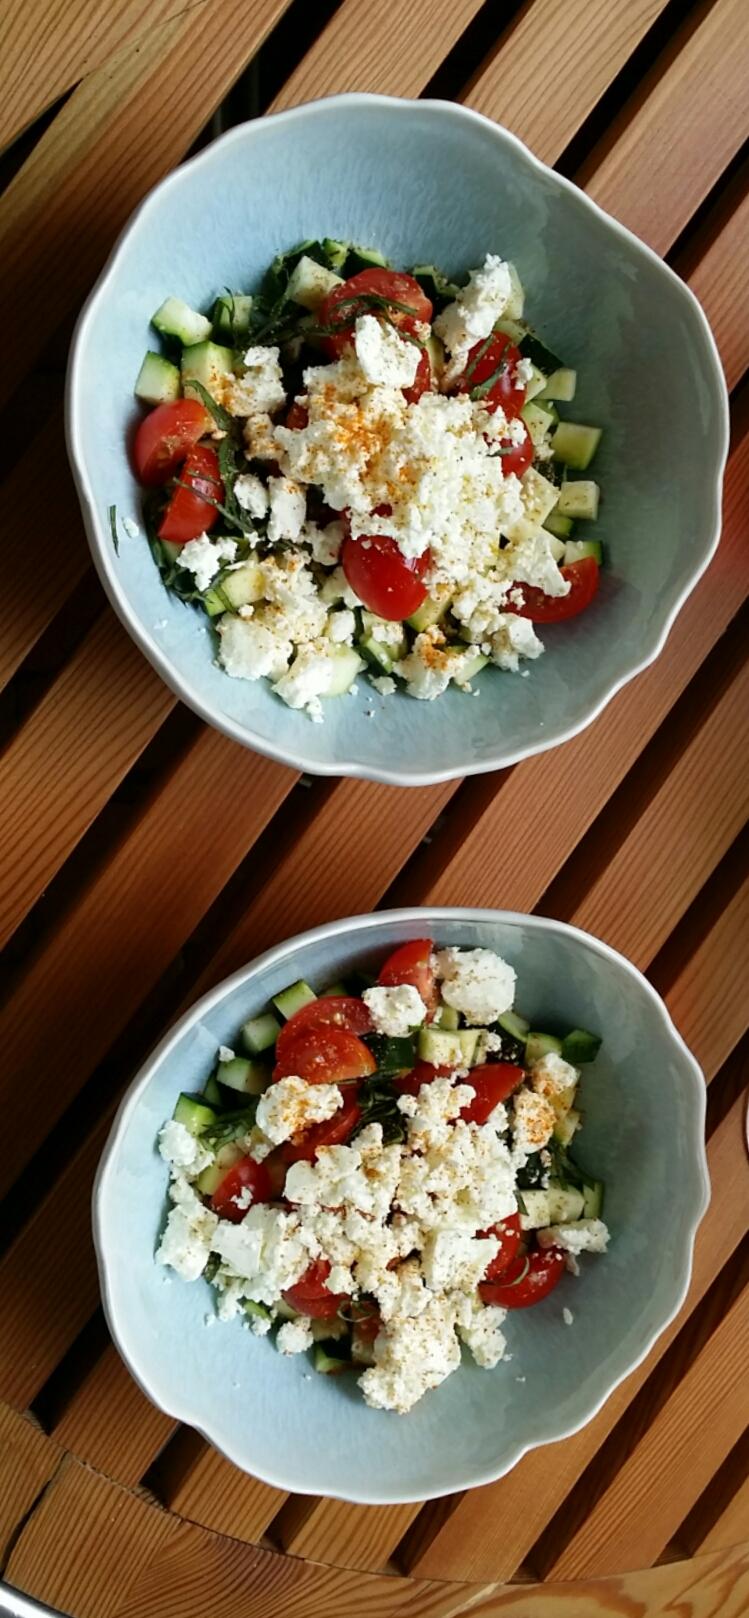 Courgettes en salade.